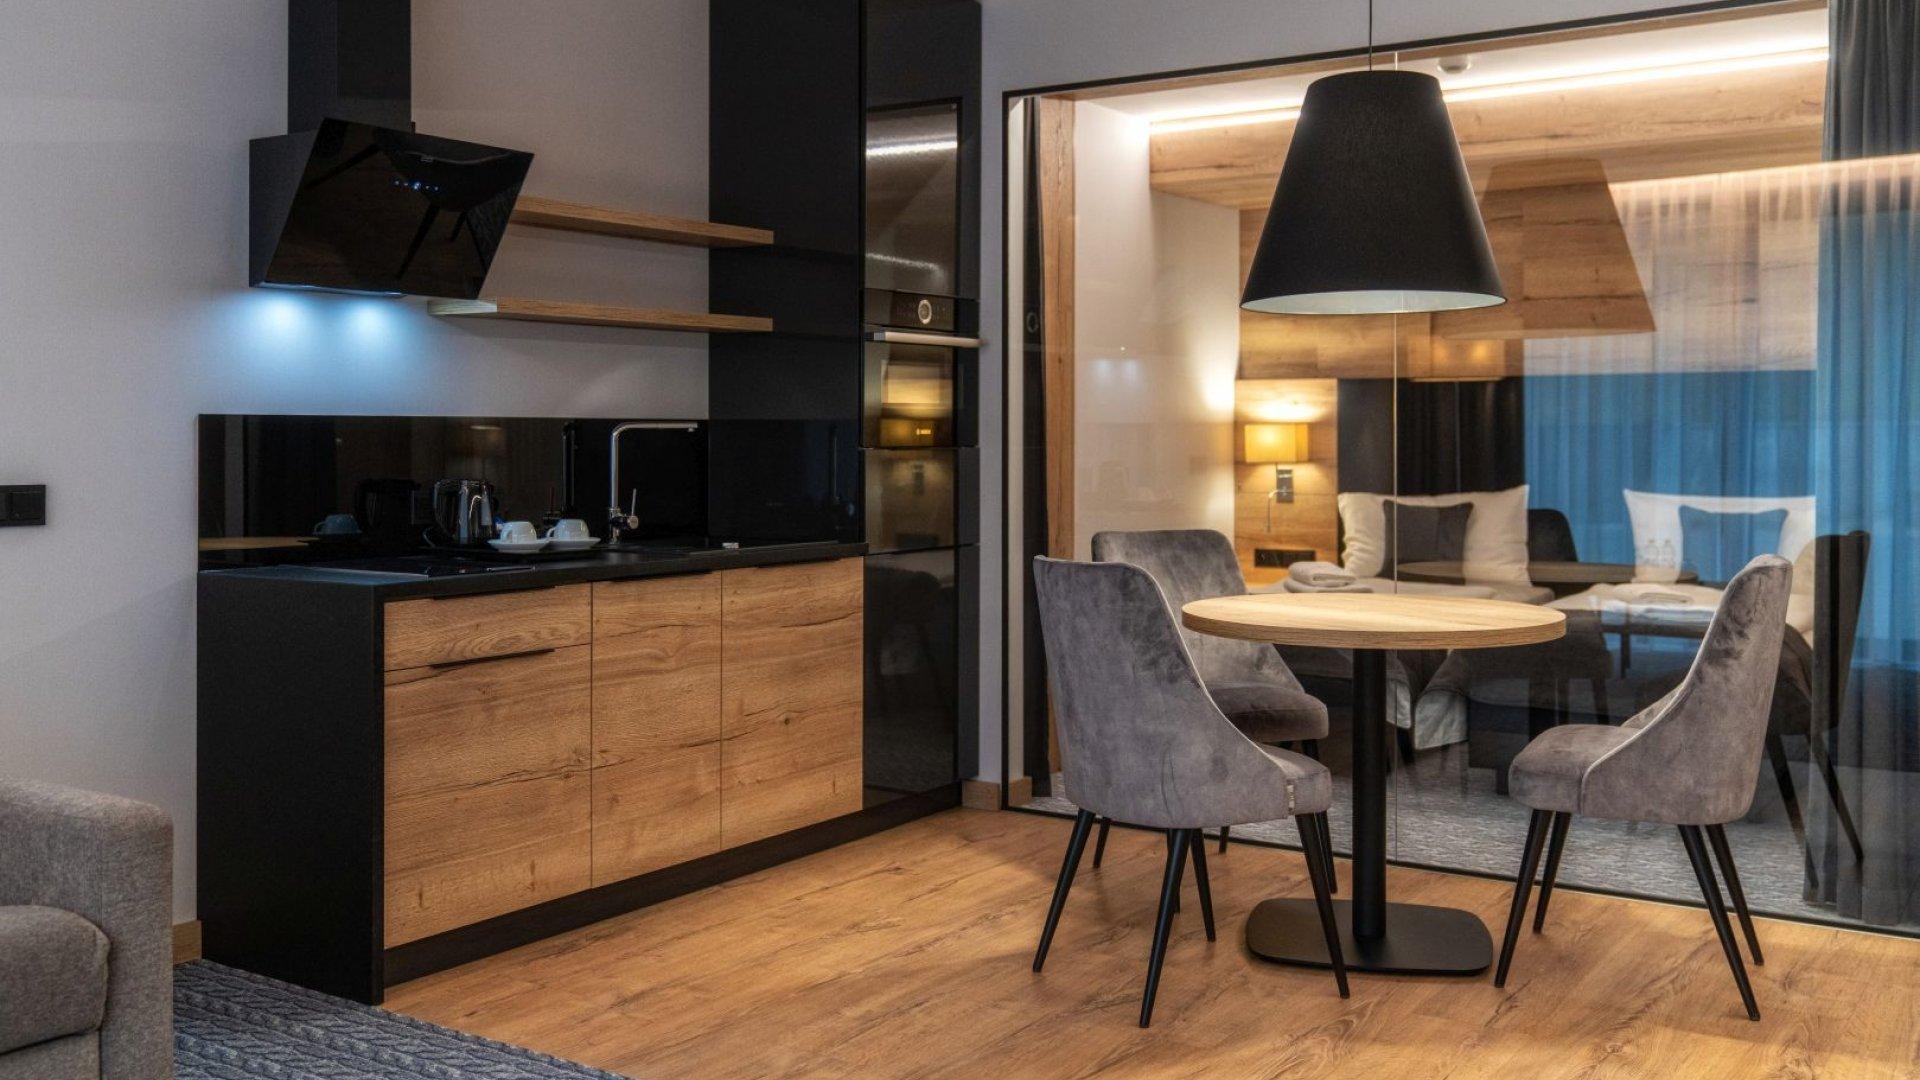 META RESIDENCE - Apartament DE-LUX VIEW dla 2-4 osób